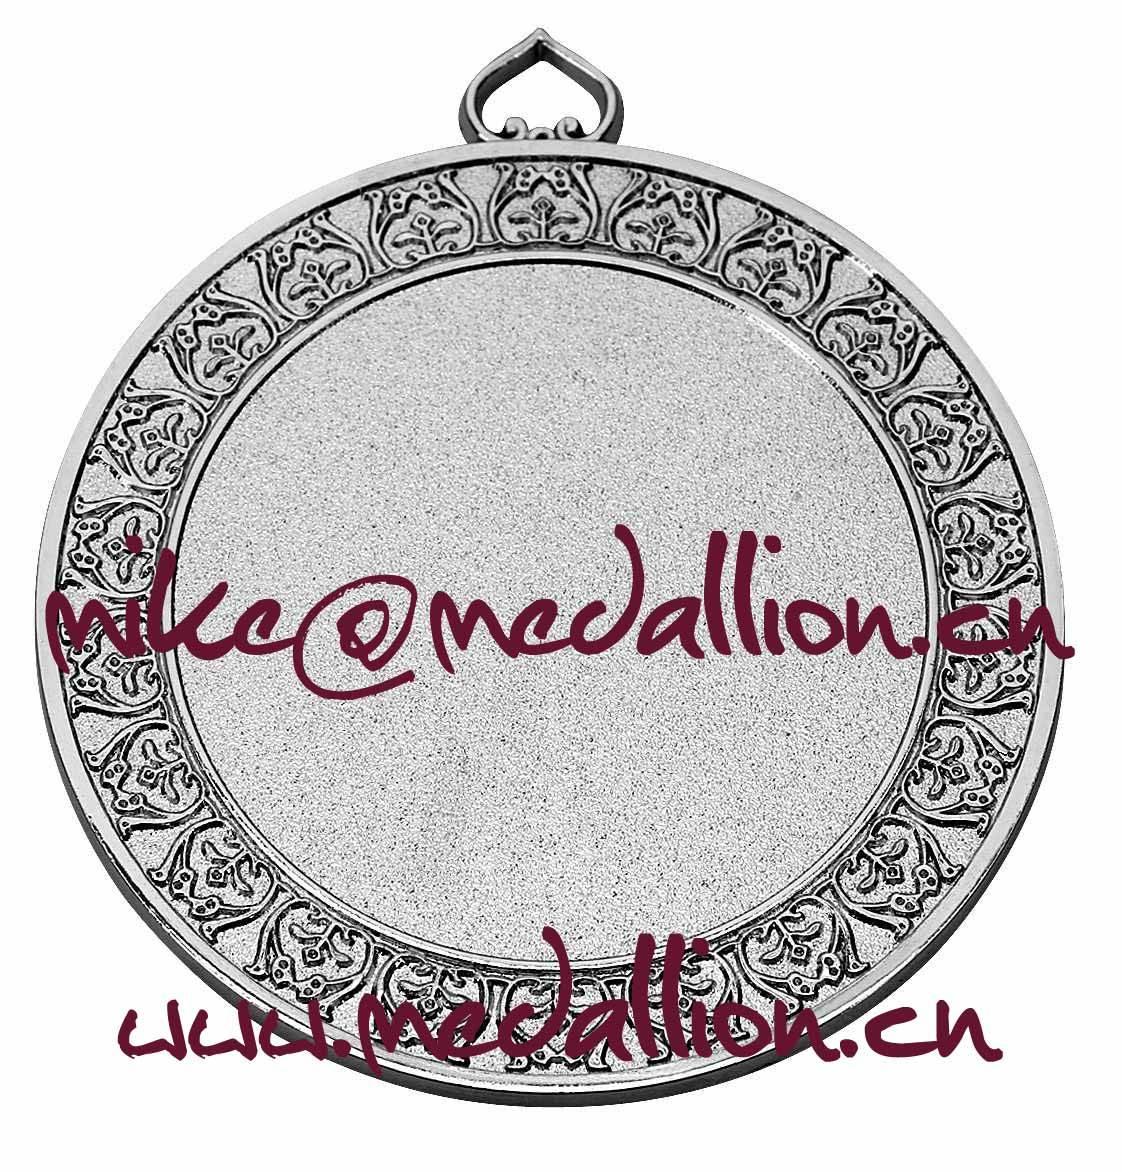 Sandblasting silver medal